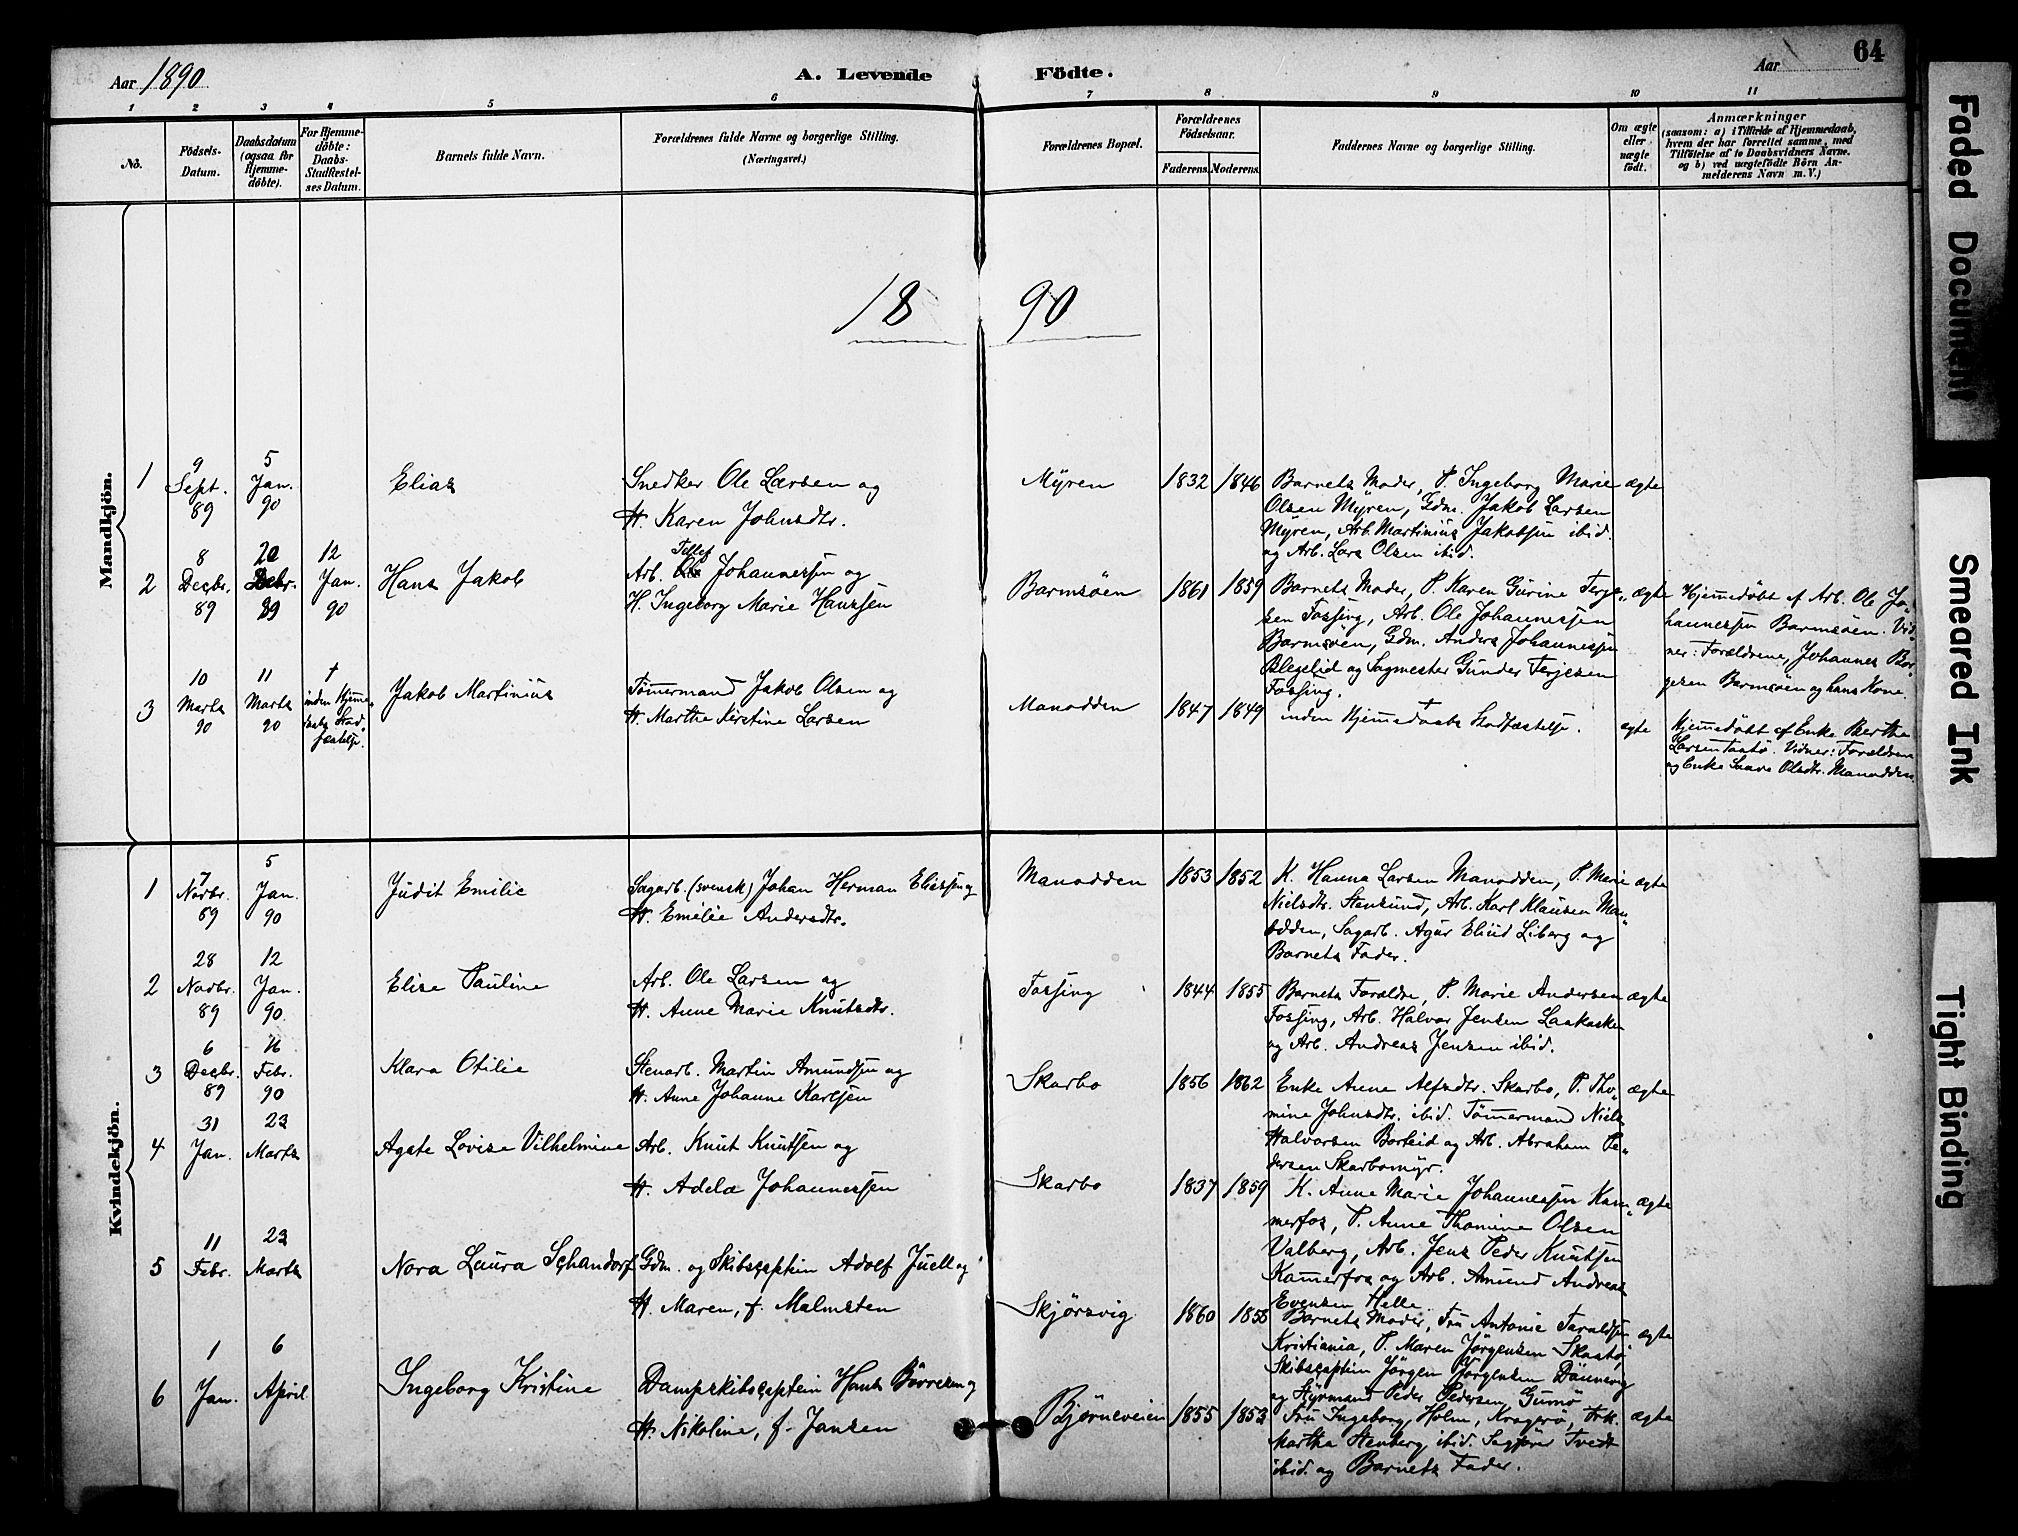 SAKO, Skåtøy kirkebøker, F/Fa/L0002: Ministerialbok nr. I 2, 1884-1899, s. 64